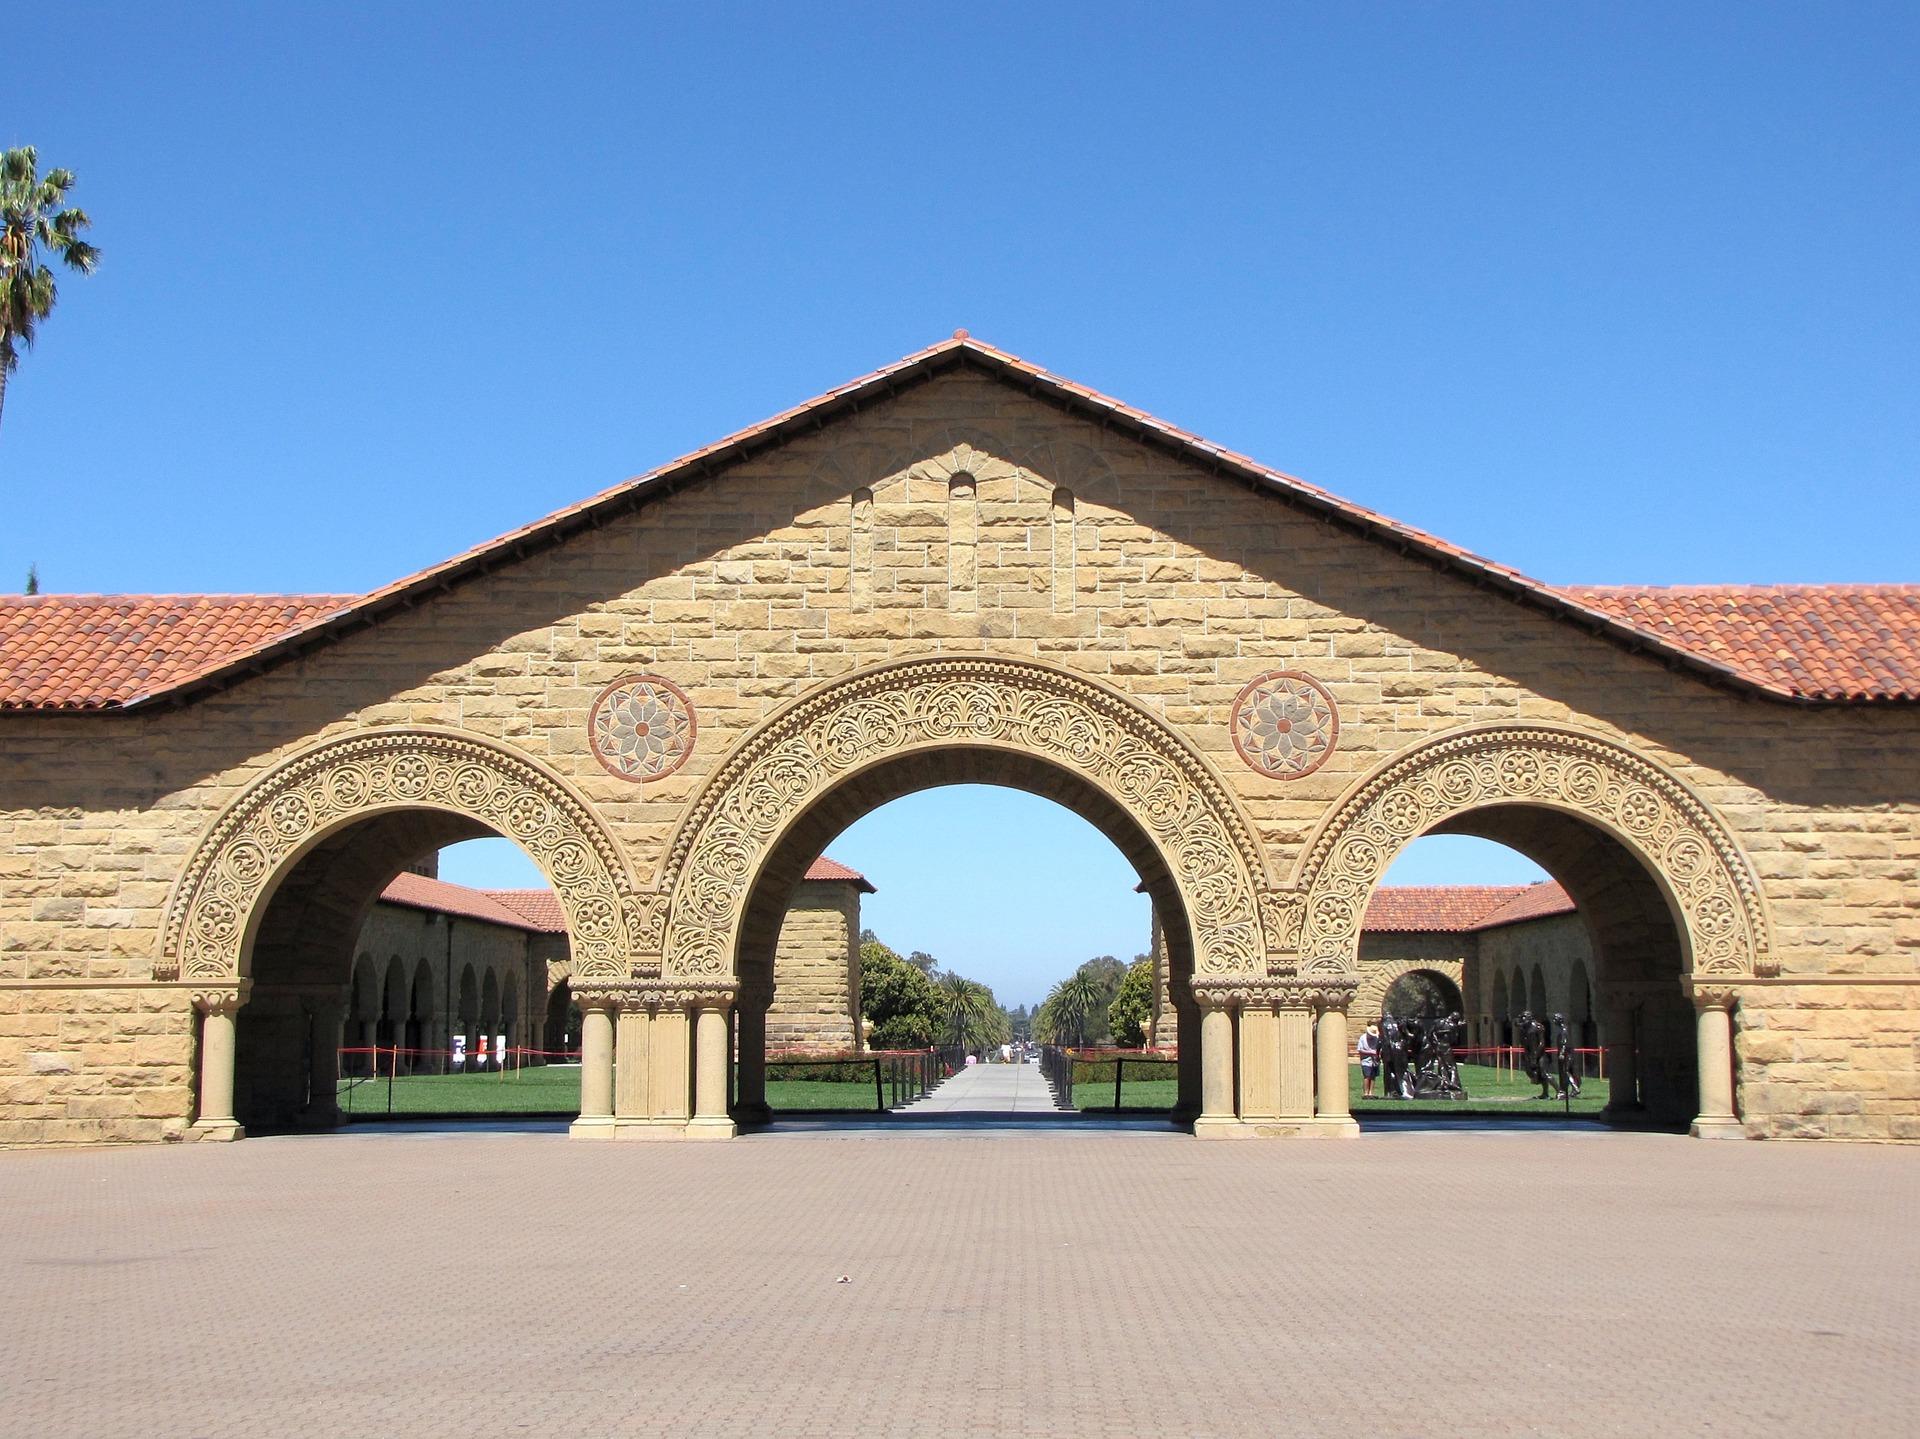 El Instituto para la Inteligencia Artificial Centrada en el Ser Humano de la Universidad de Stanford apuesta por la colaboración multidisciplinaria para hacer frente a los desafíos mundiales. -